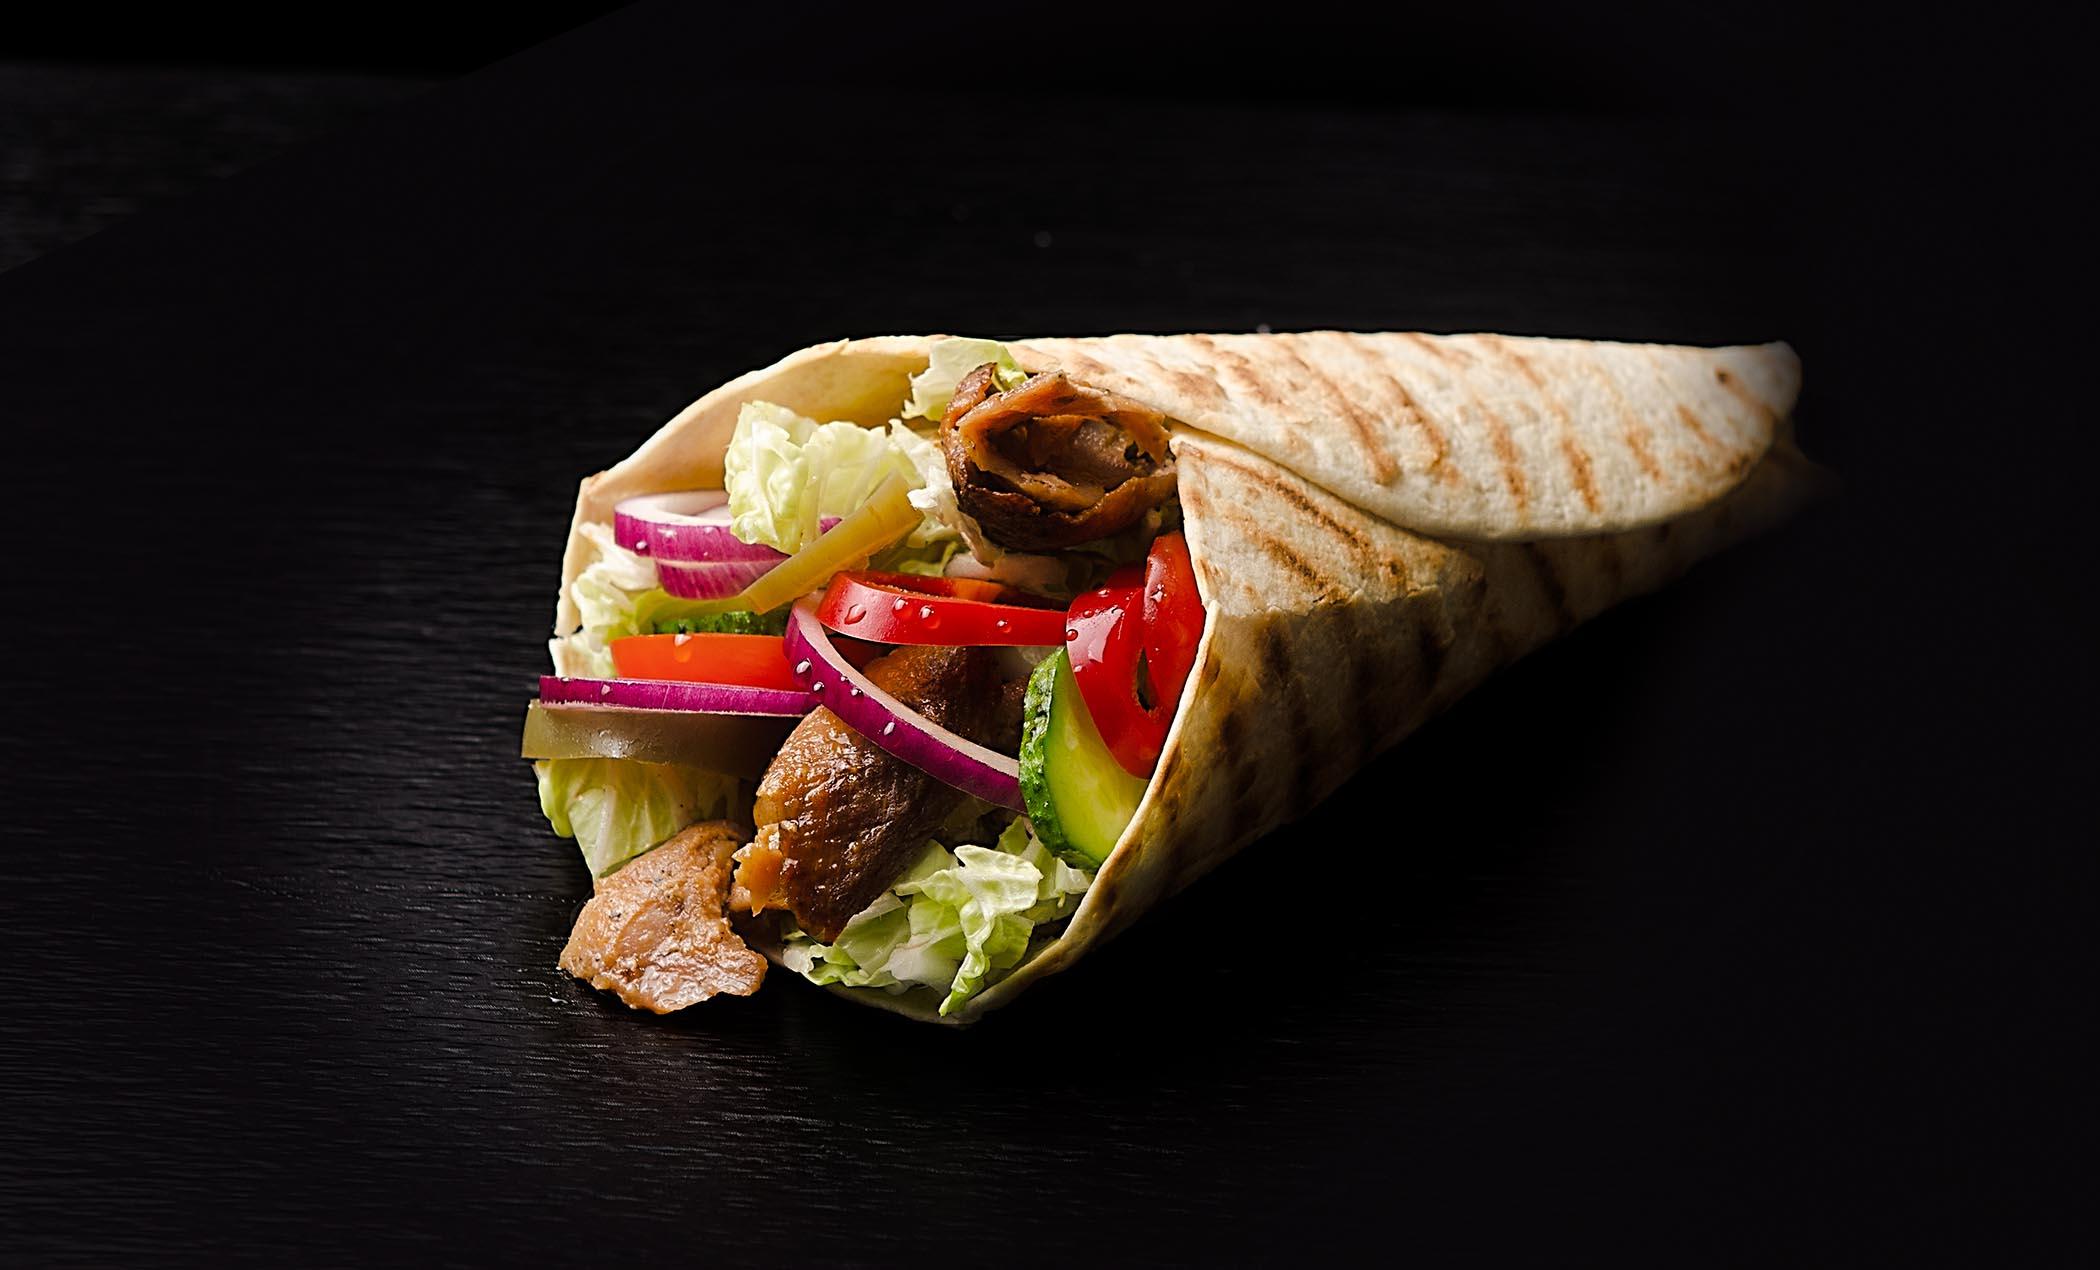 Донер кебаб домашний рецепт с фото пошагово - 1000.menu